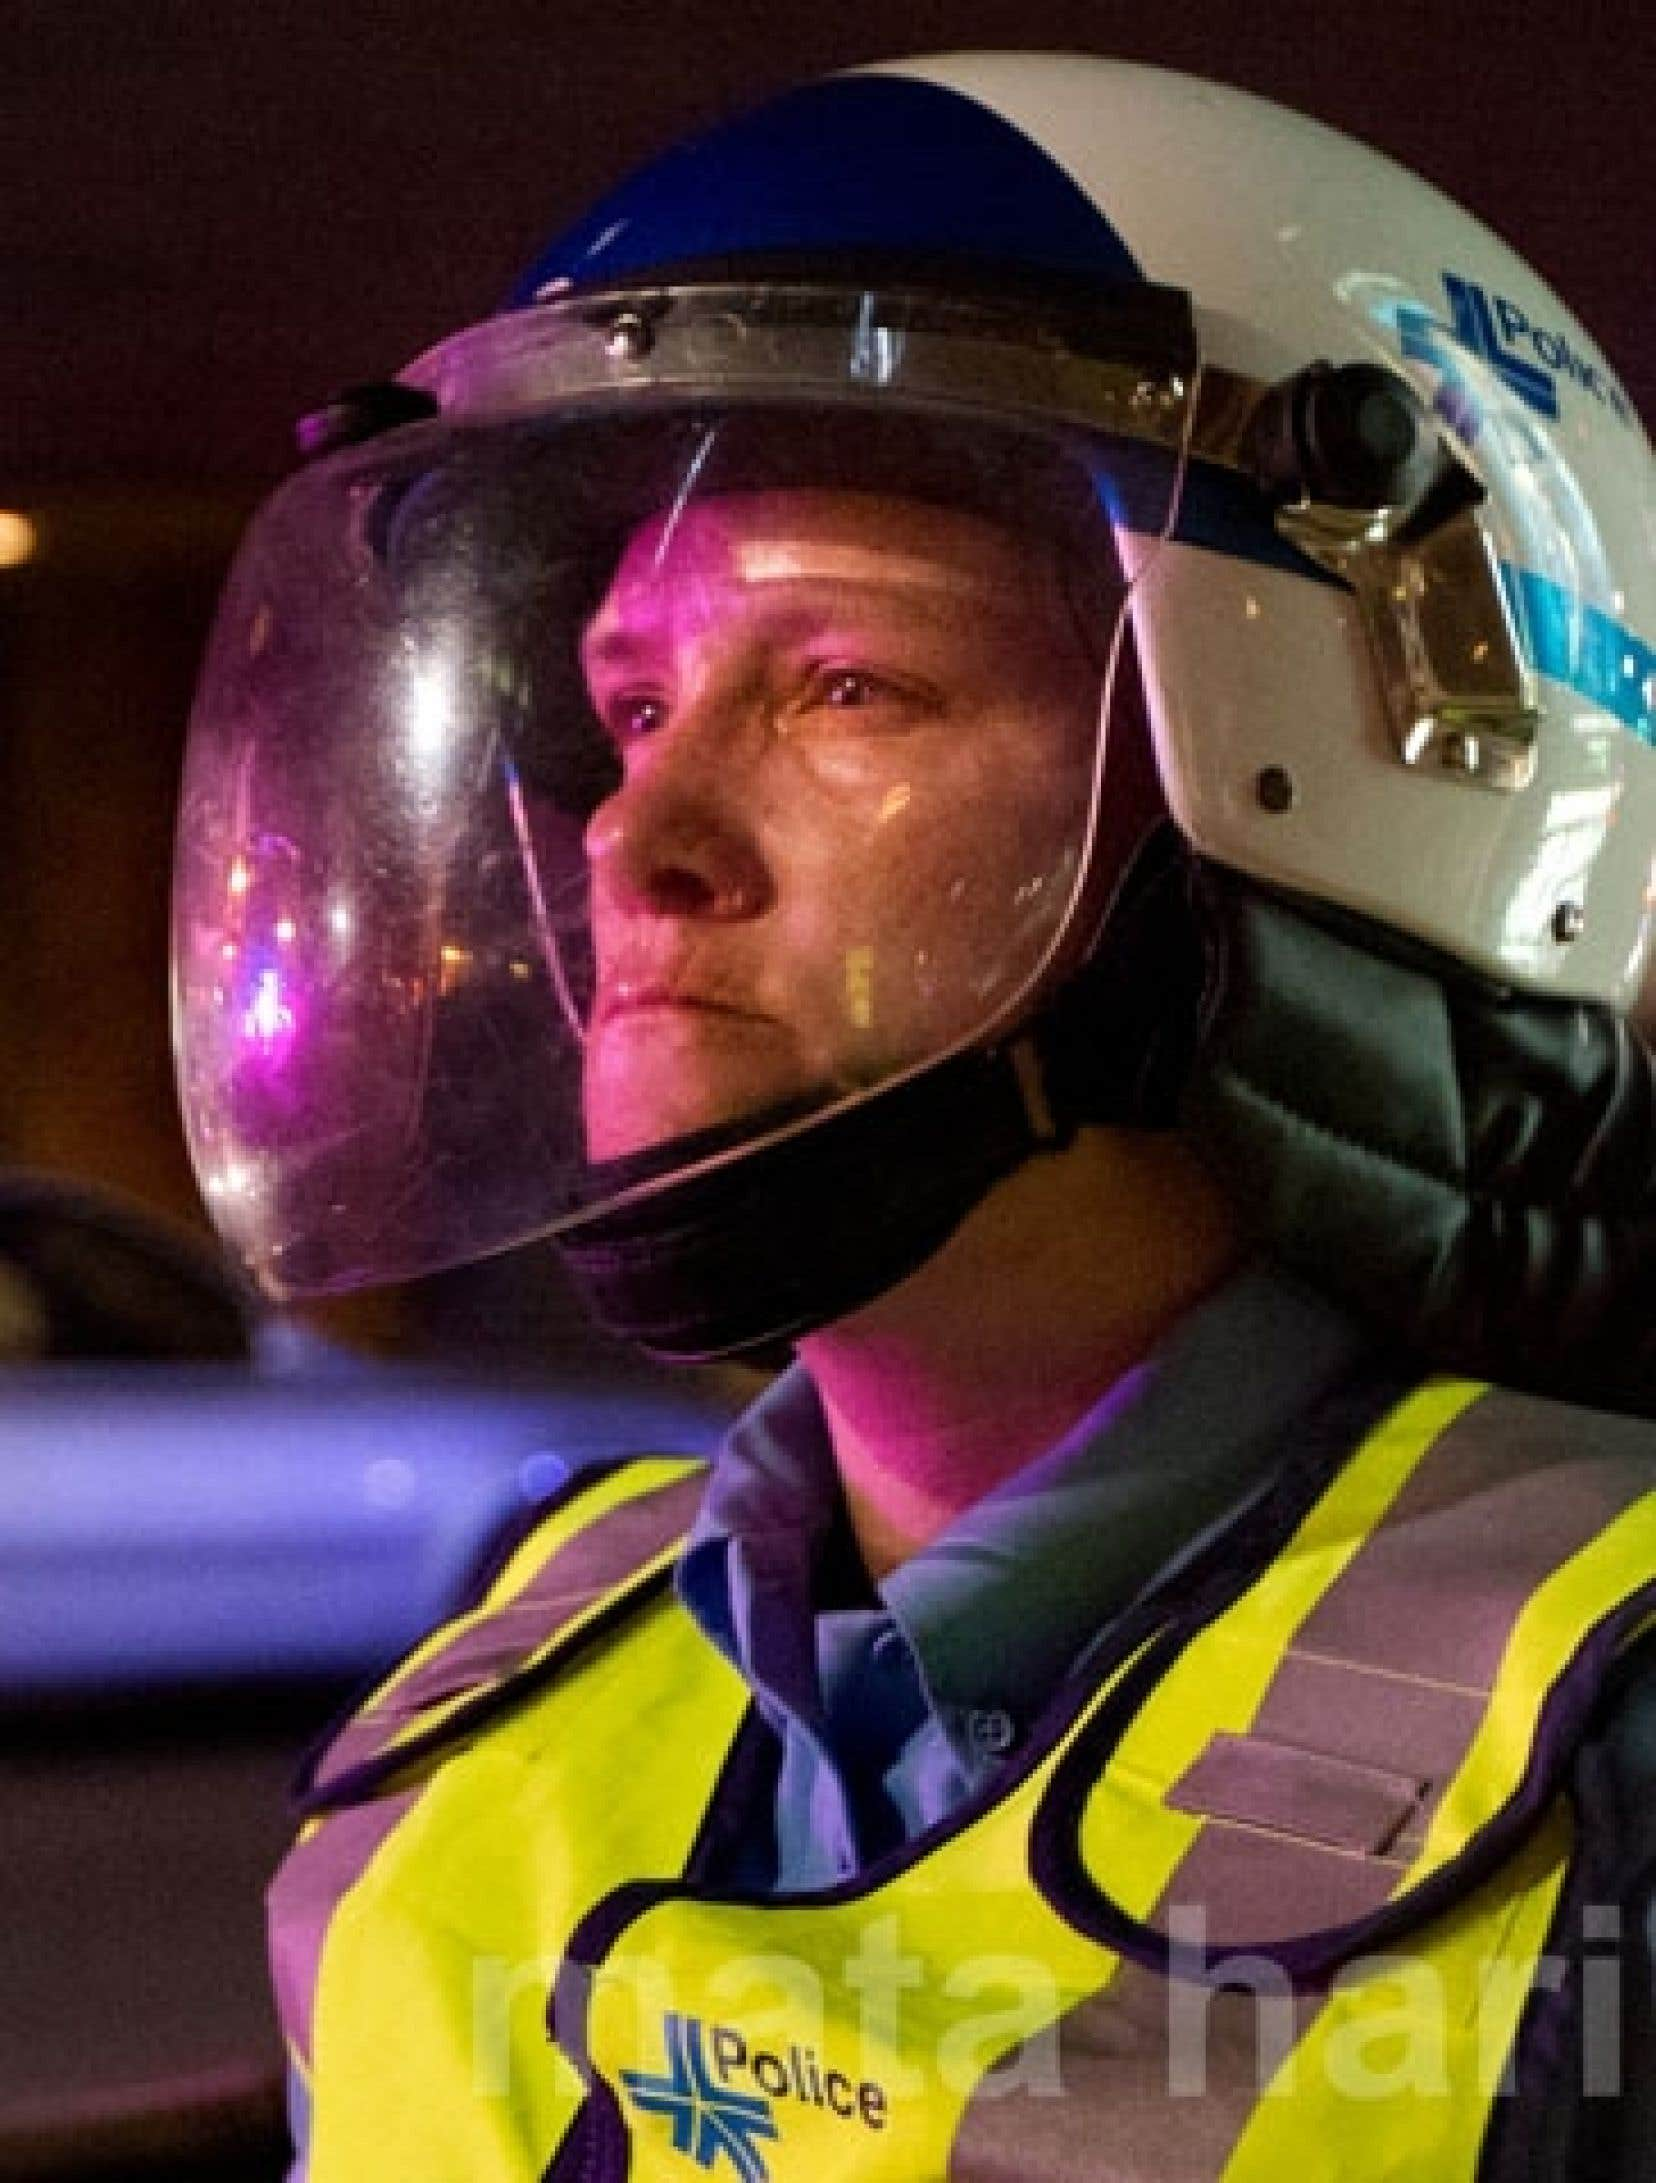 22 h 33 Angle Sainte-Catherine et Saint-Hubert, la policière Stéfanie Trudeau, connue sous son numéro de matricule 728, montre un visage des plus tendus.